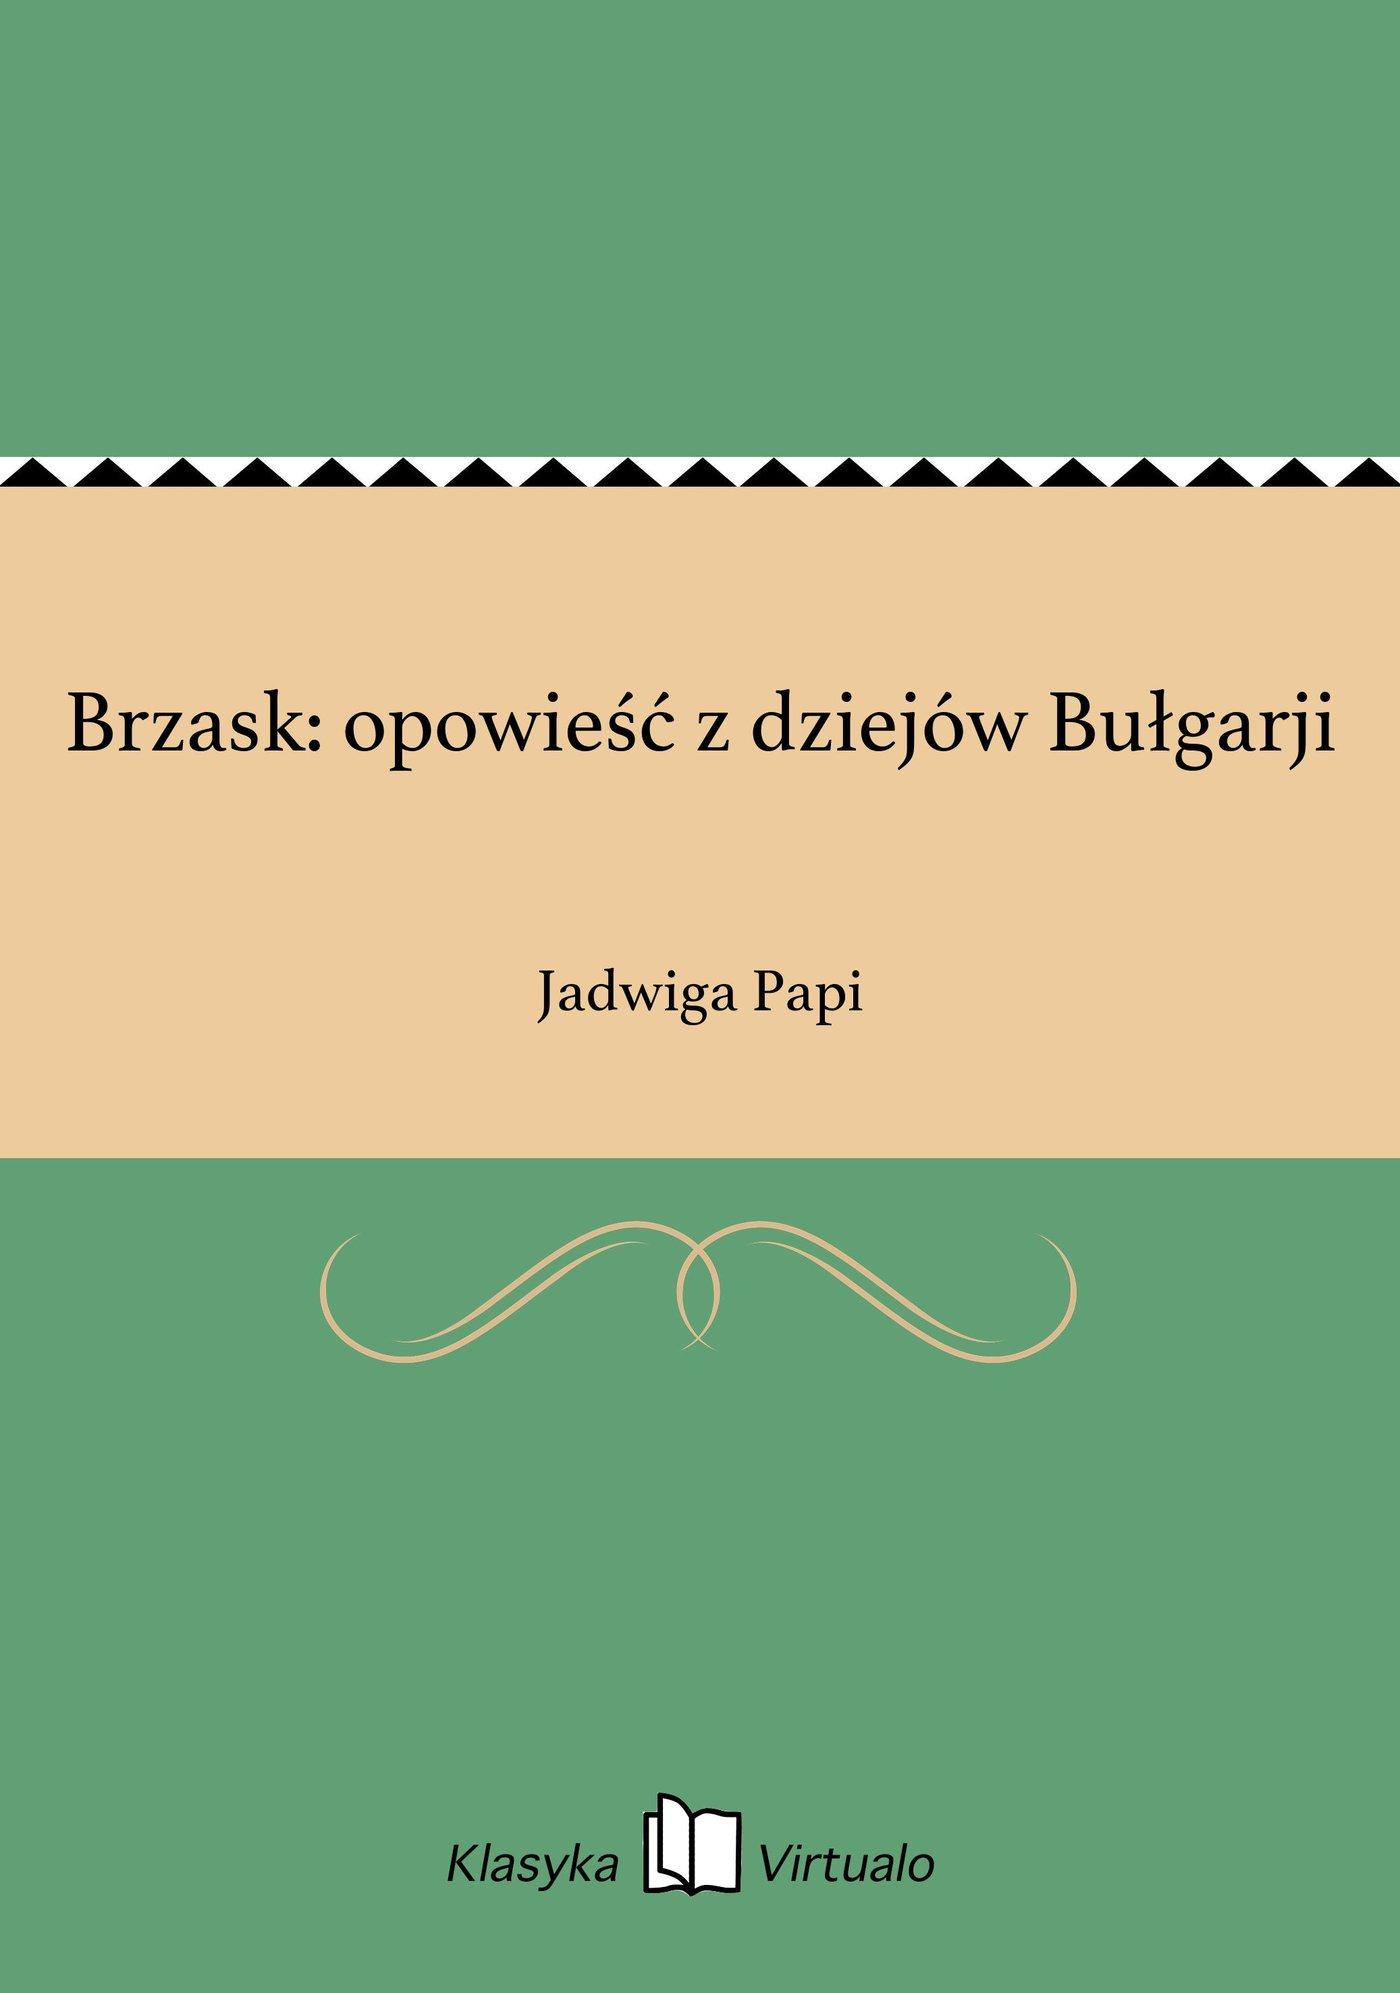 Brzask: opowieść z dziejów Bułgarji - Ebook (Książka EPUB) do pobrania w formacie EPUB